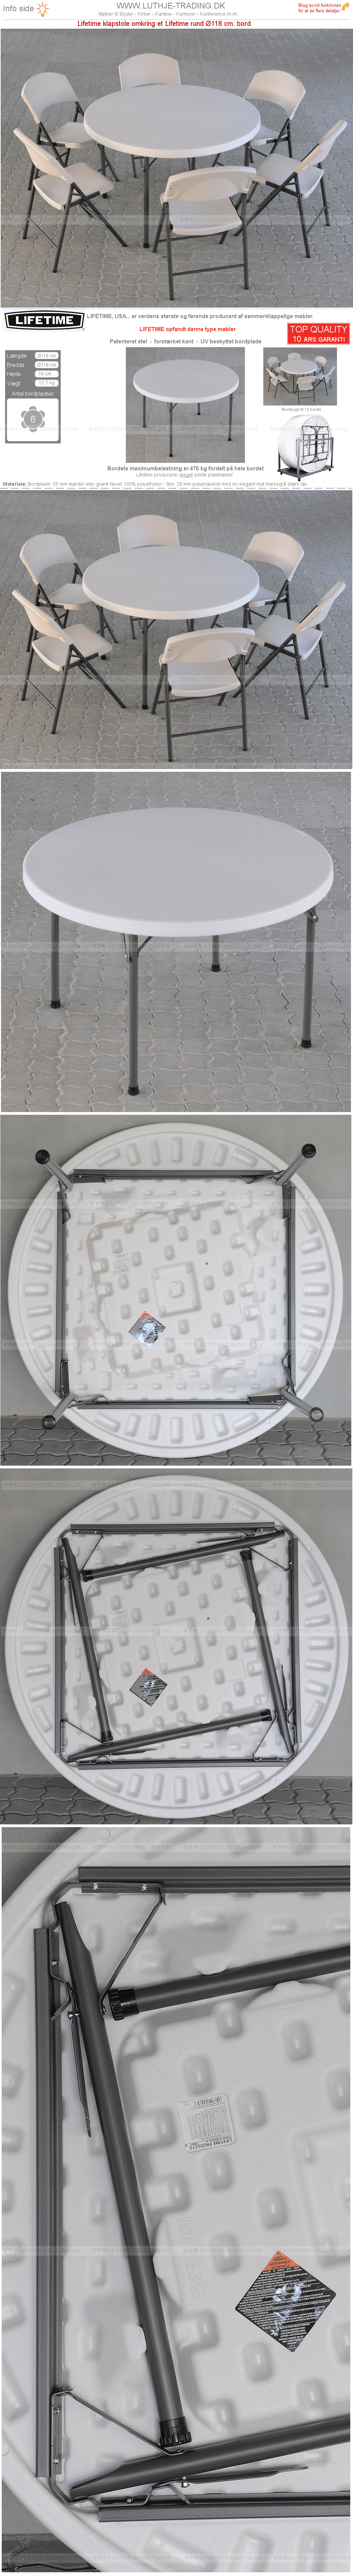 Plaststole med rund Ø118 cm bord